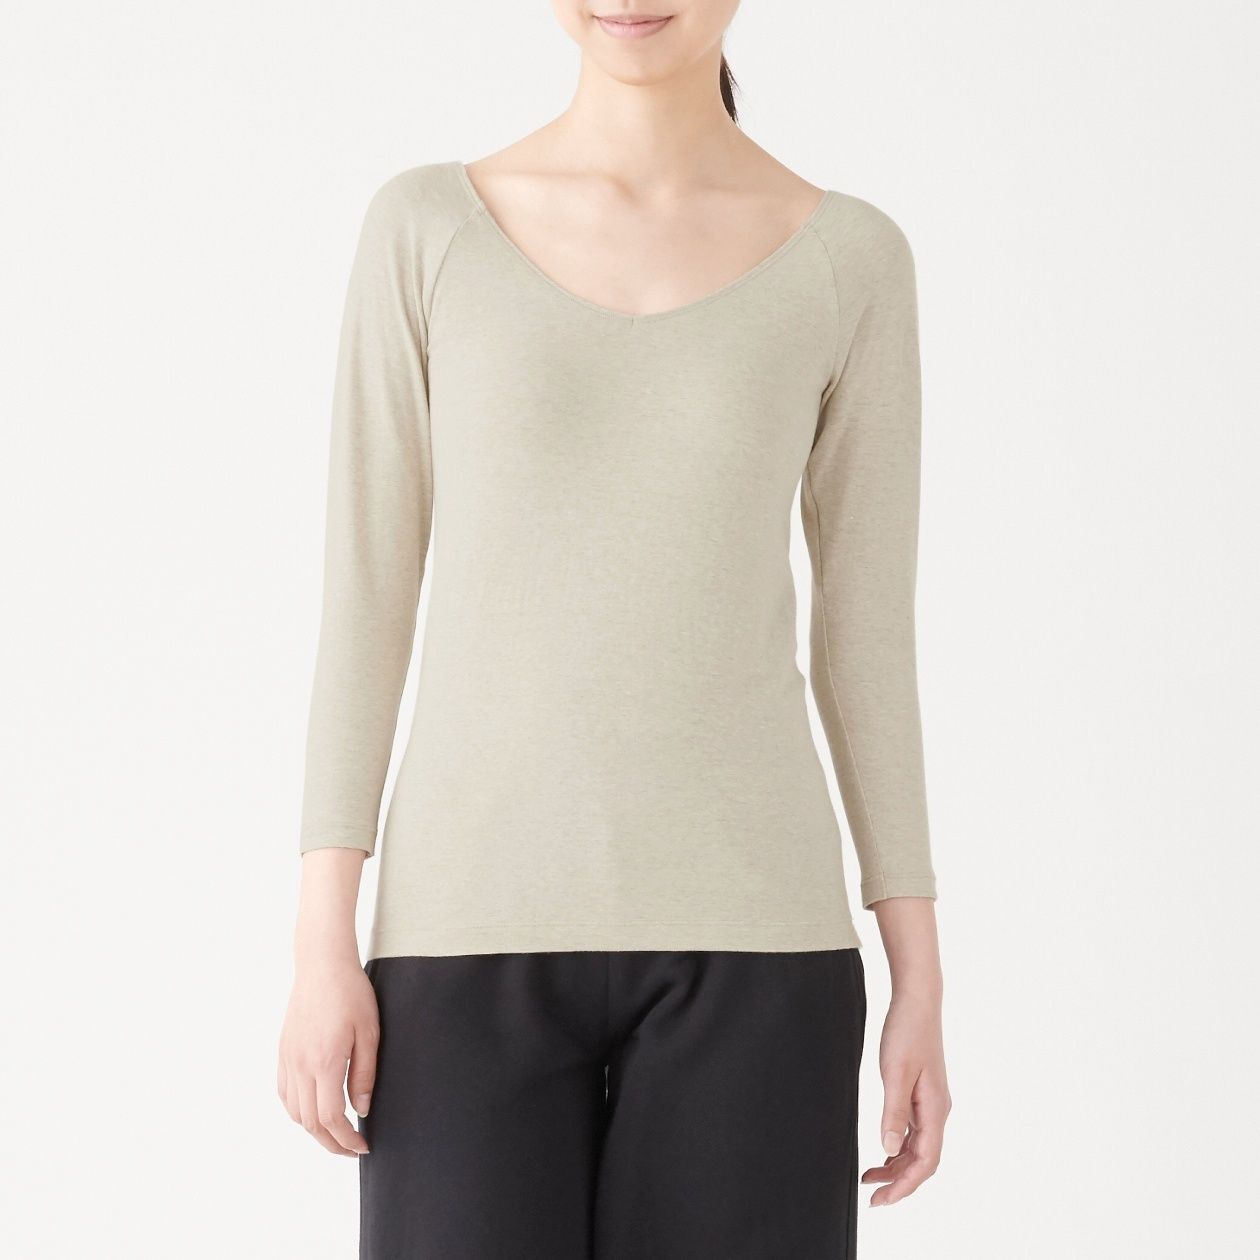 綿であったかVネック八分袖Tシャツスタイル写真